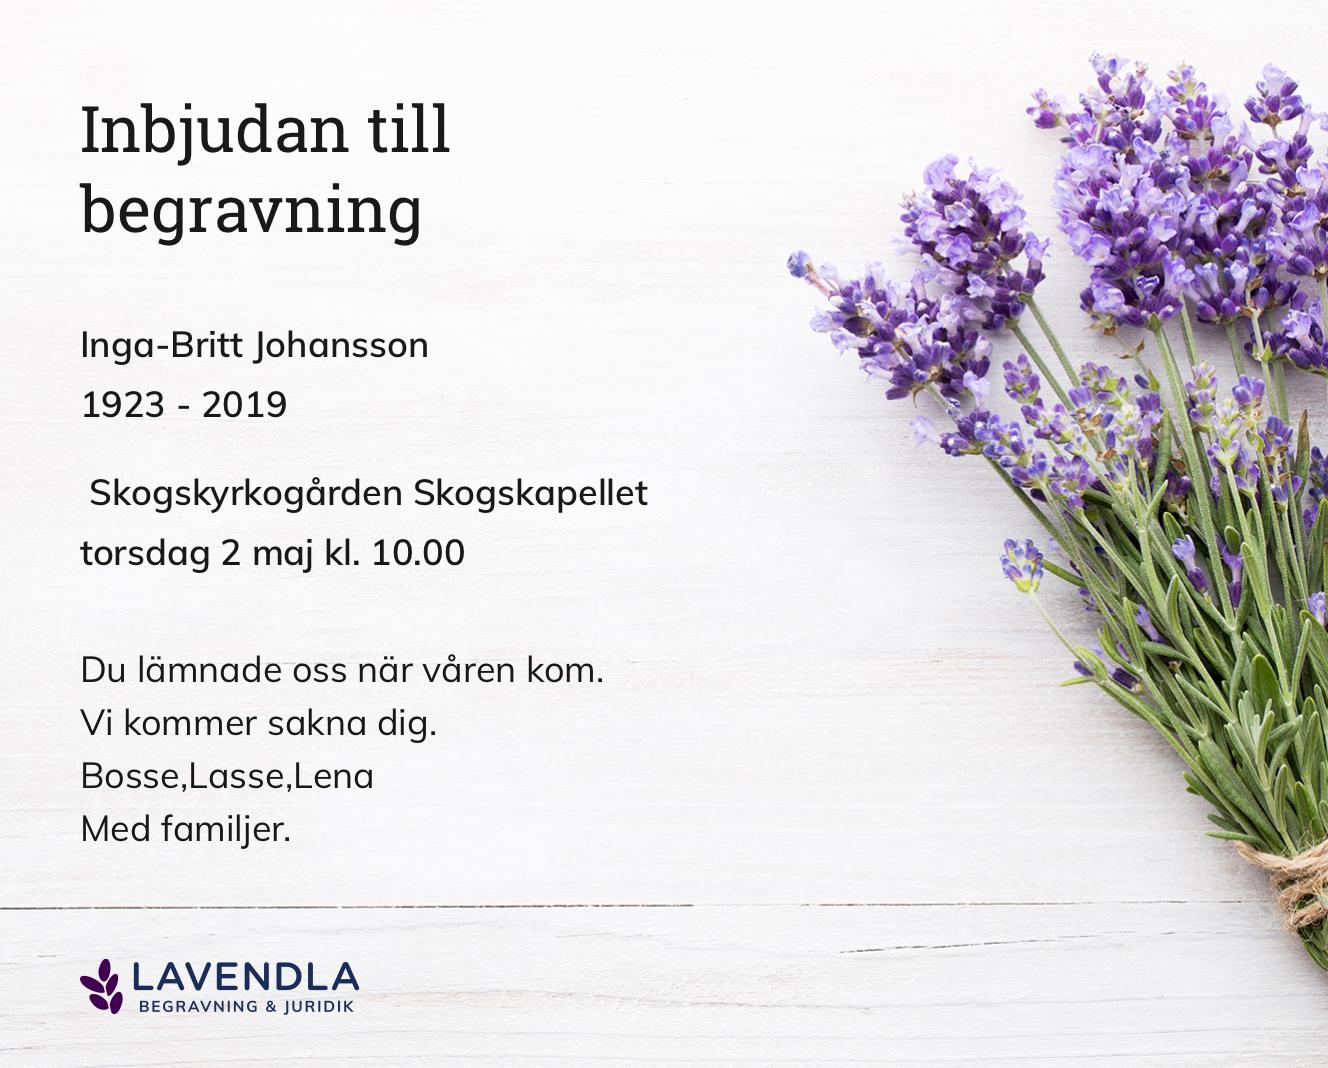 Inbjudningskort till ceremonin för Inga-Britt Johansson